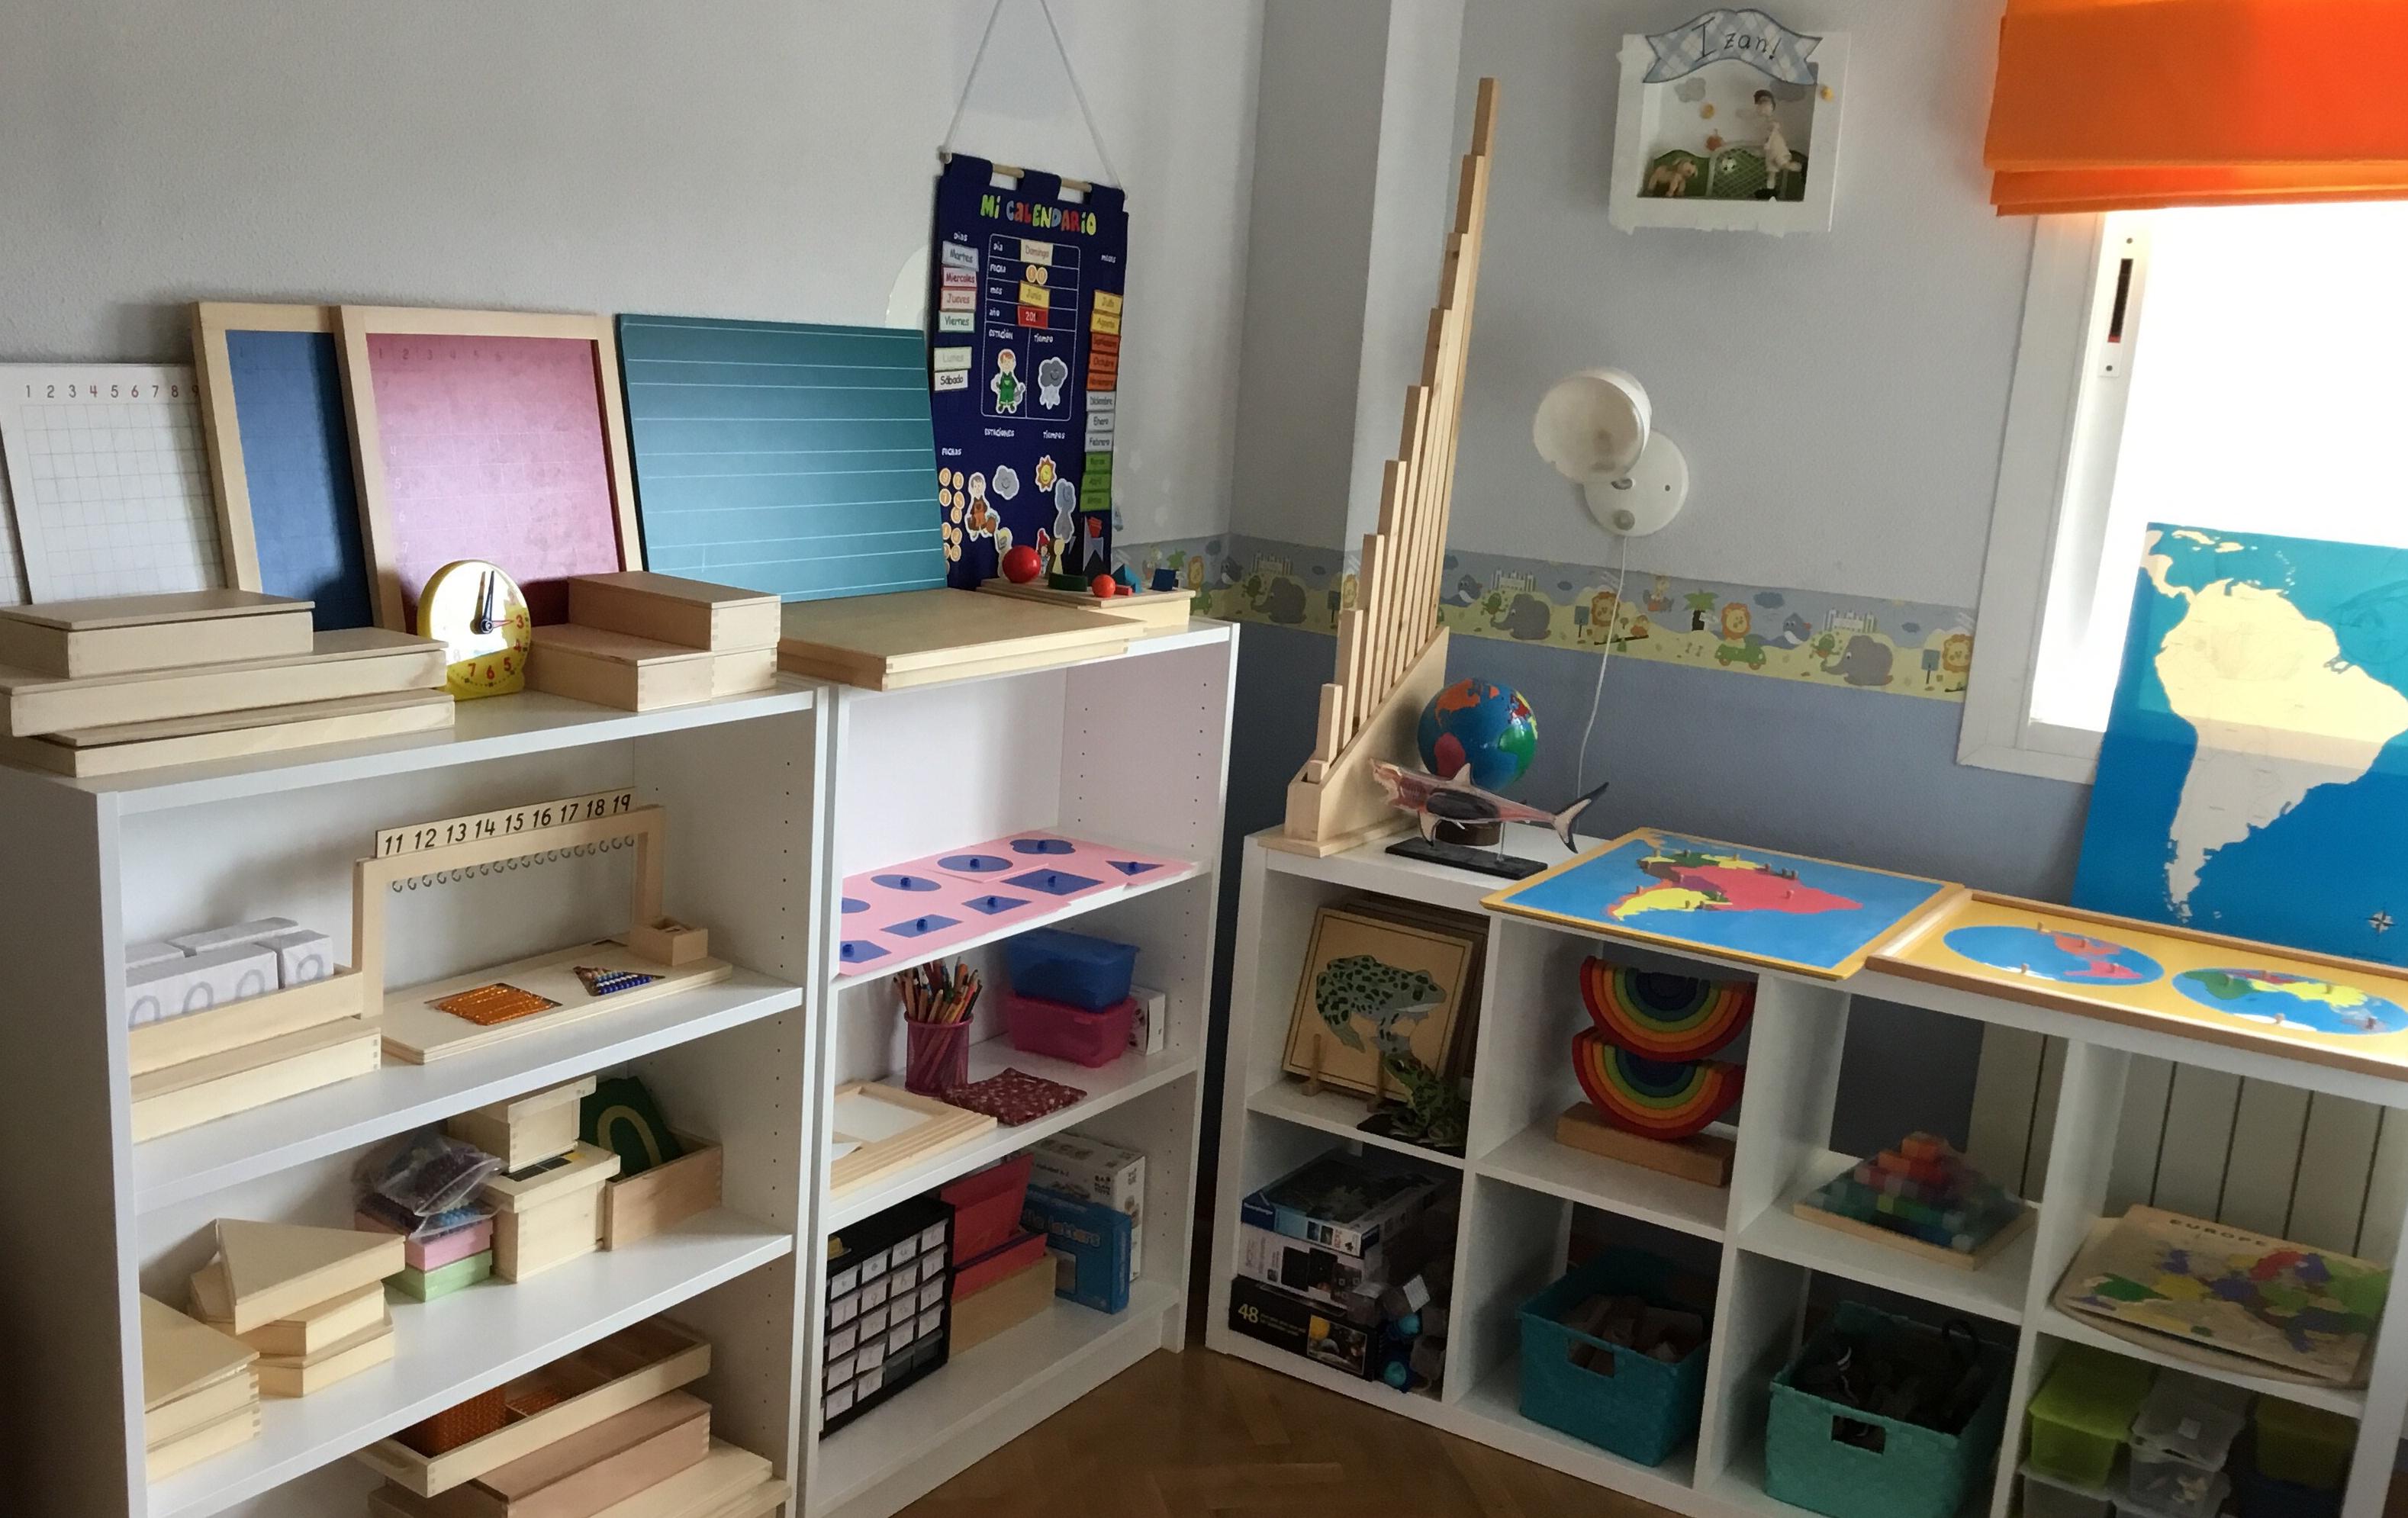 habitación con materiales Montessori para homeschooling